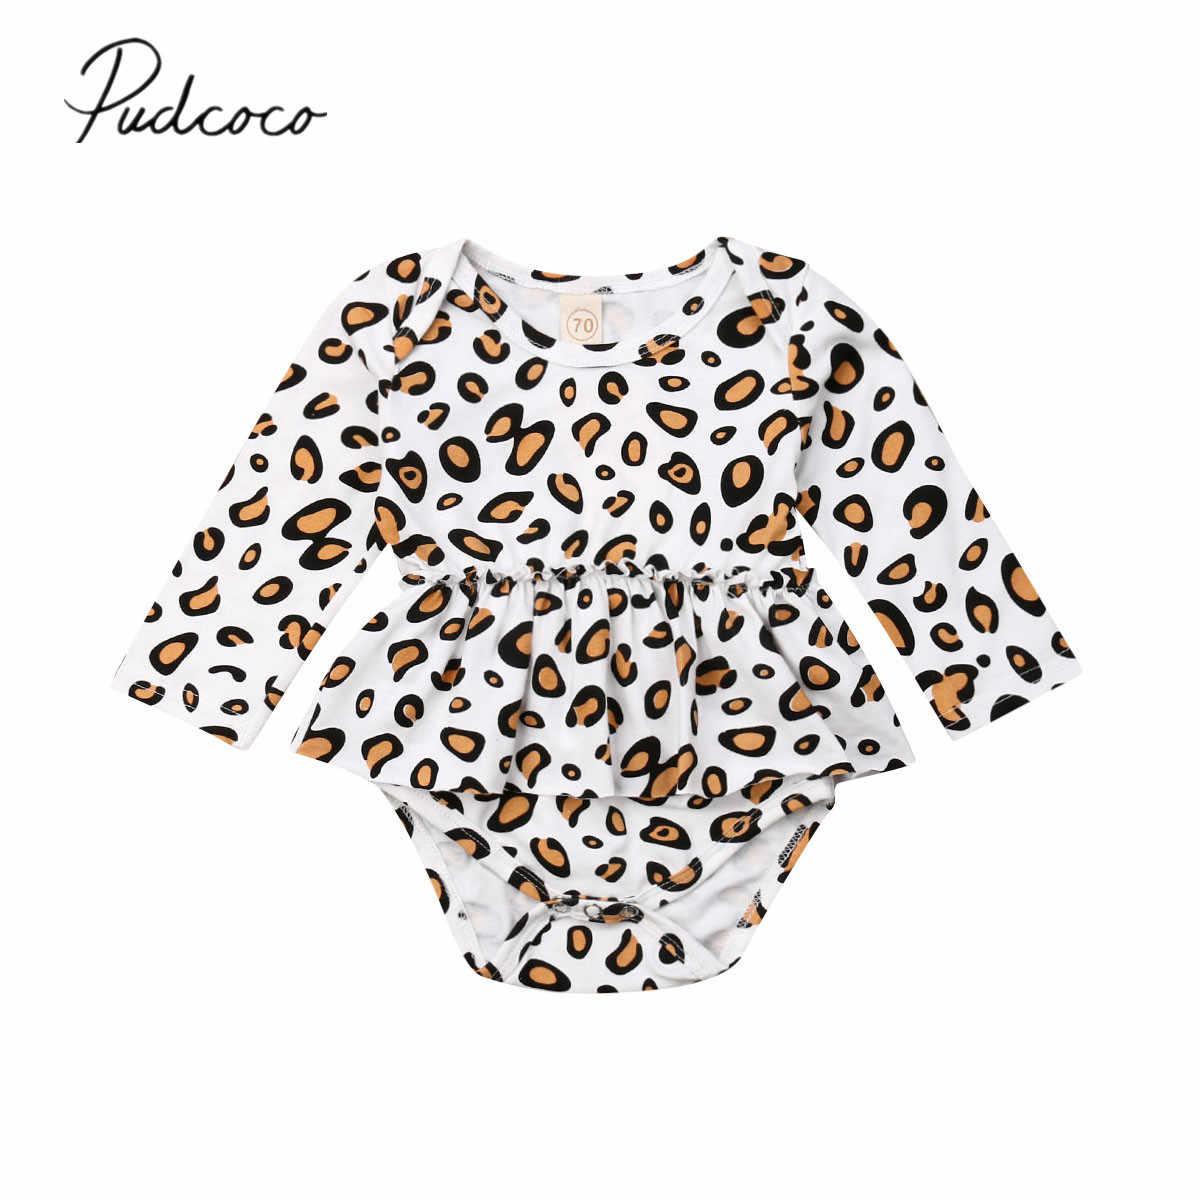 2019 Baby Lente Herfst Kleding Pasgeboren Baby Baby Meisje Luipaard Kleding Zoete Bodysuit Verstoorde Jumpsuit Jurk Longsleeve Outfits